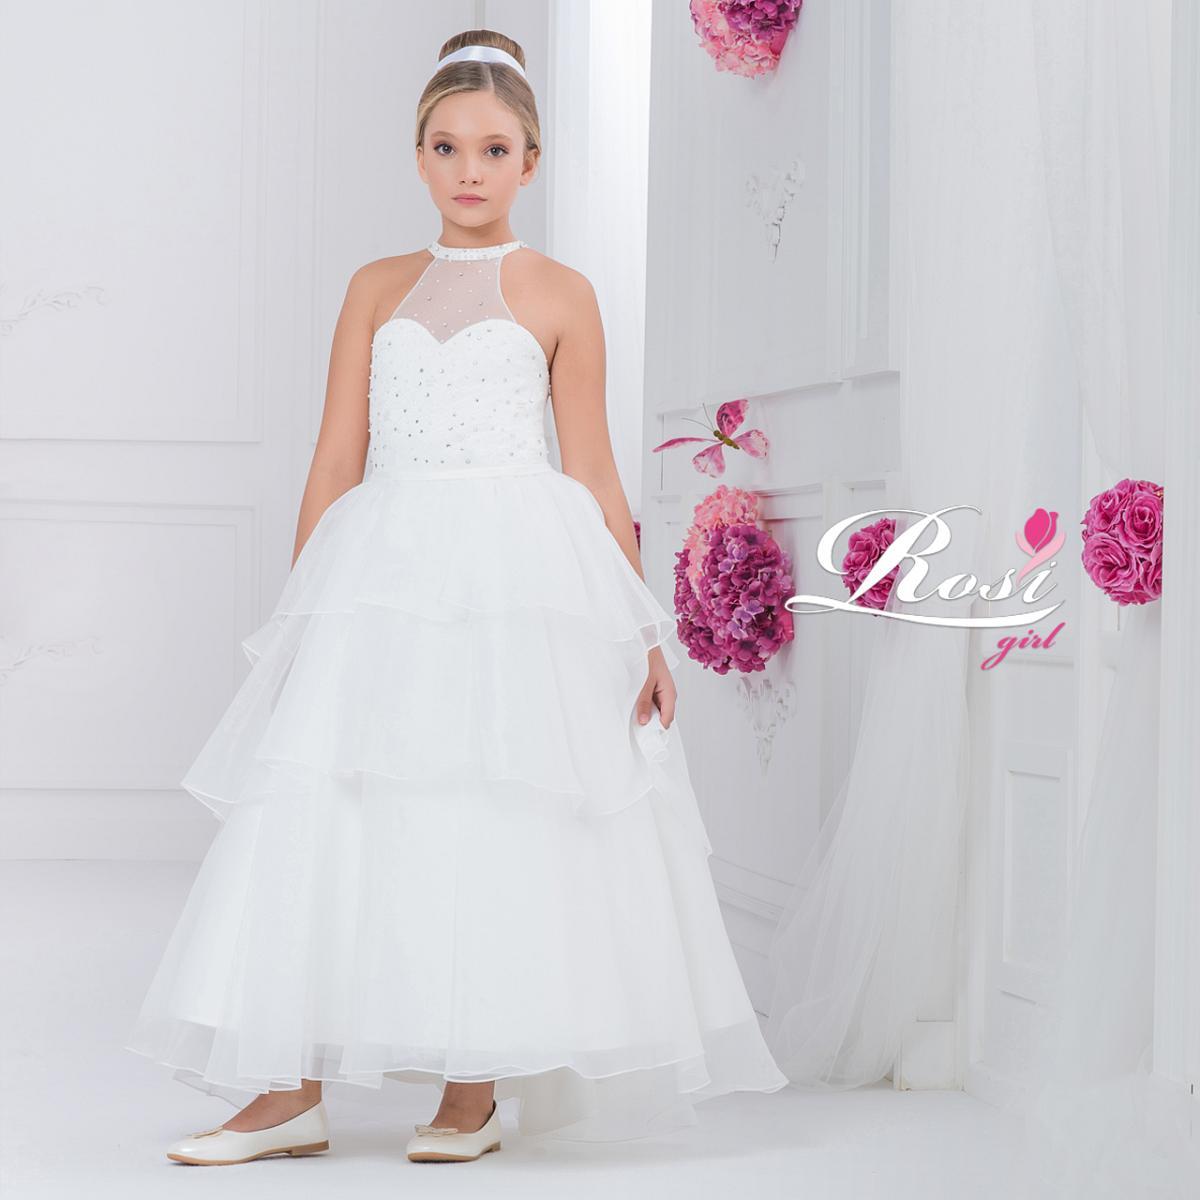 celli-spose-collezione-bambini-2019-rosi-girl-E-6-A